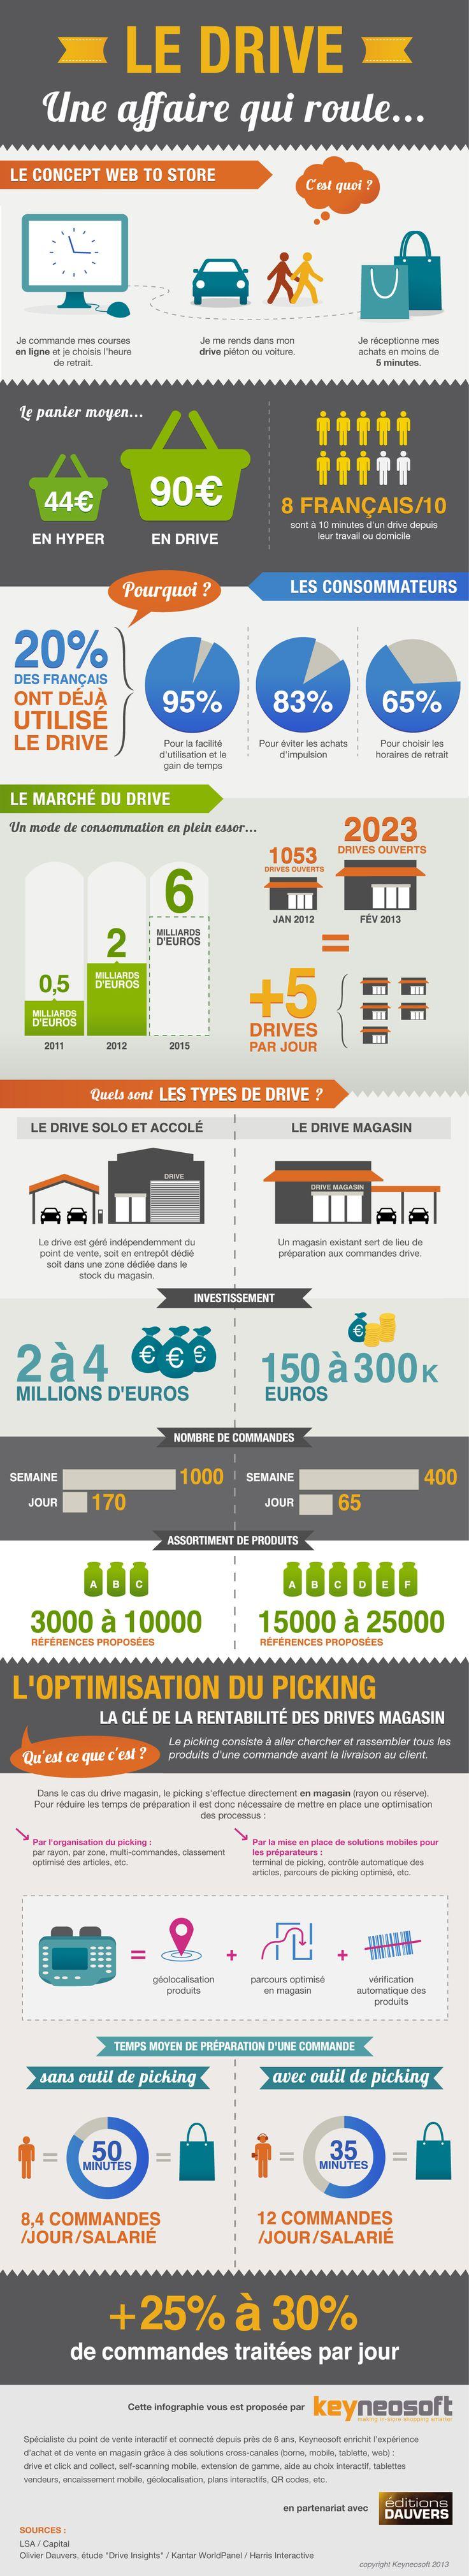 Drive : les chiffres-clés